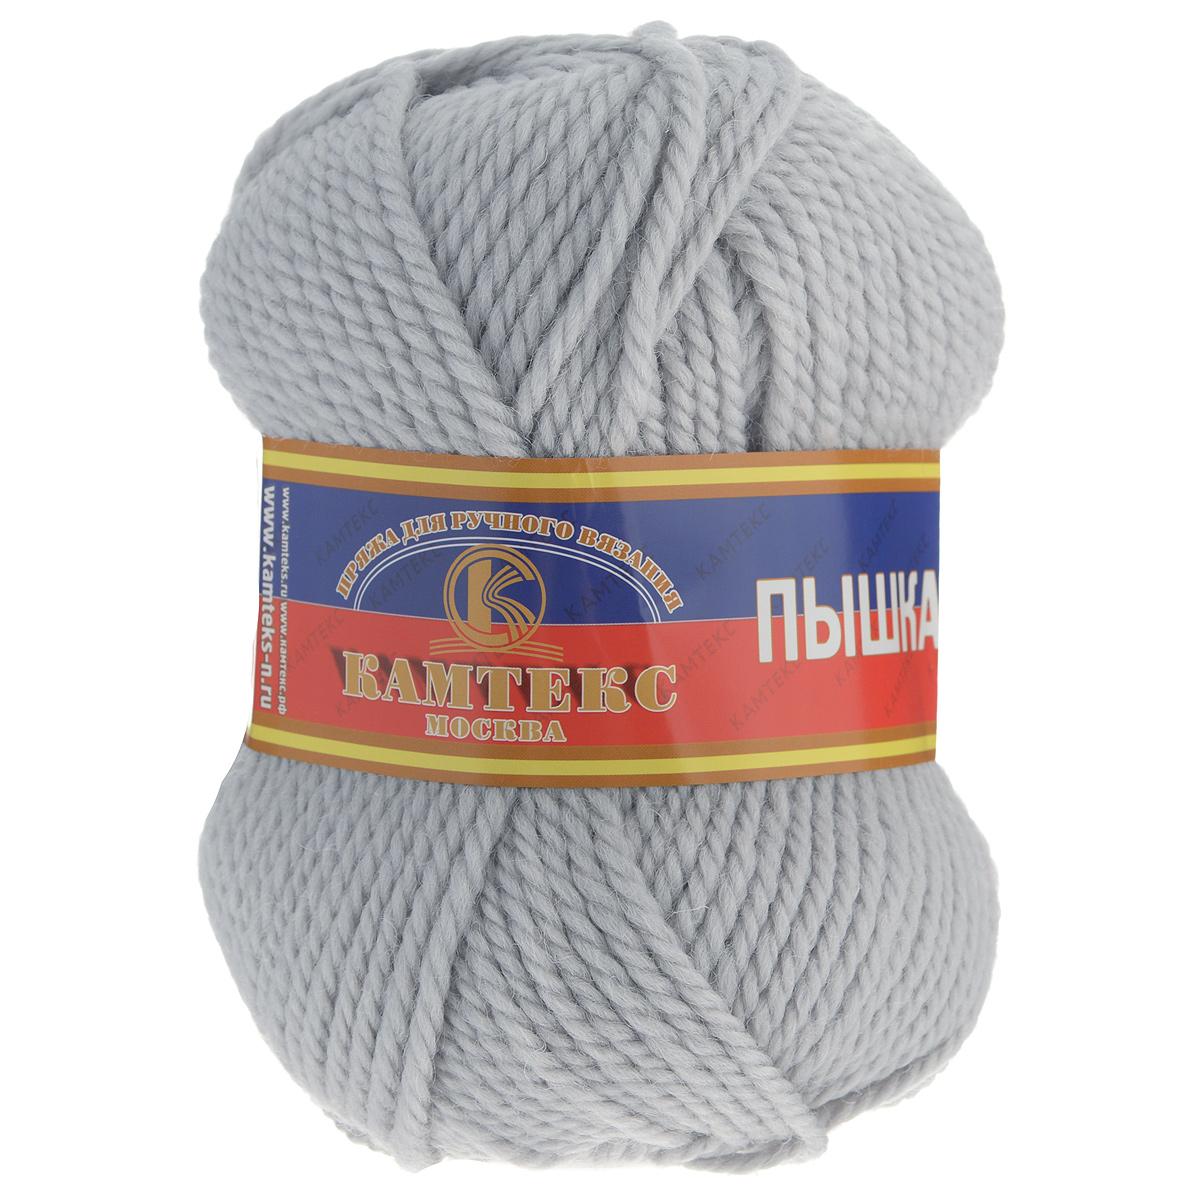 Пряжа для вязания Камтекс Пышка, цвет: жемчужный (106), 110 м, 100 г, 10 шт пряжа для вязания камтекс семицветик цвет розовый 056 180 м 100 г 10 шт